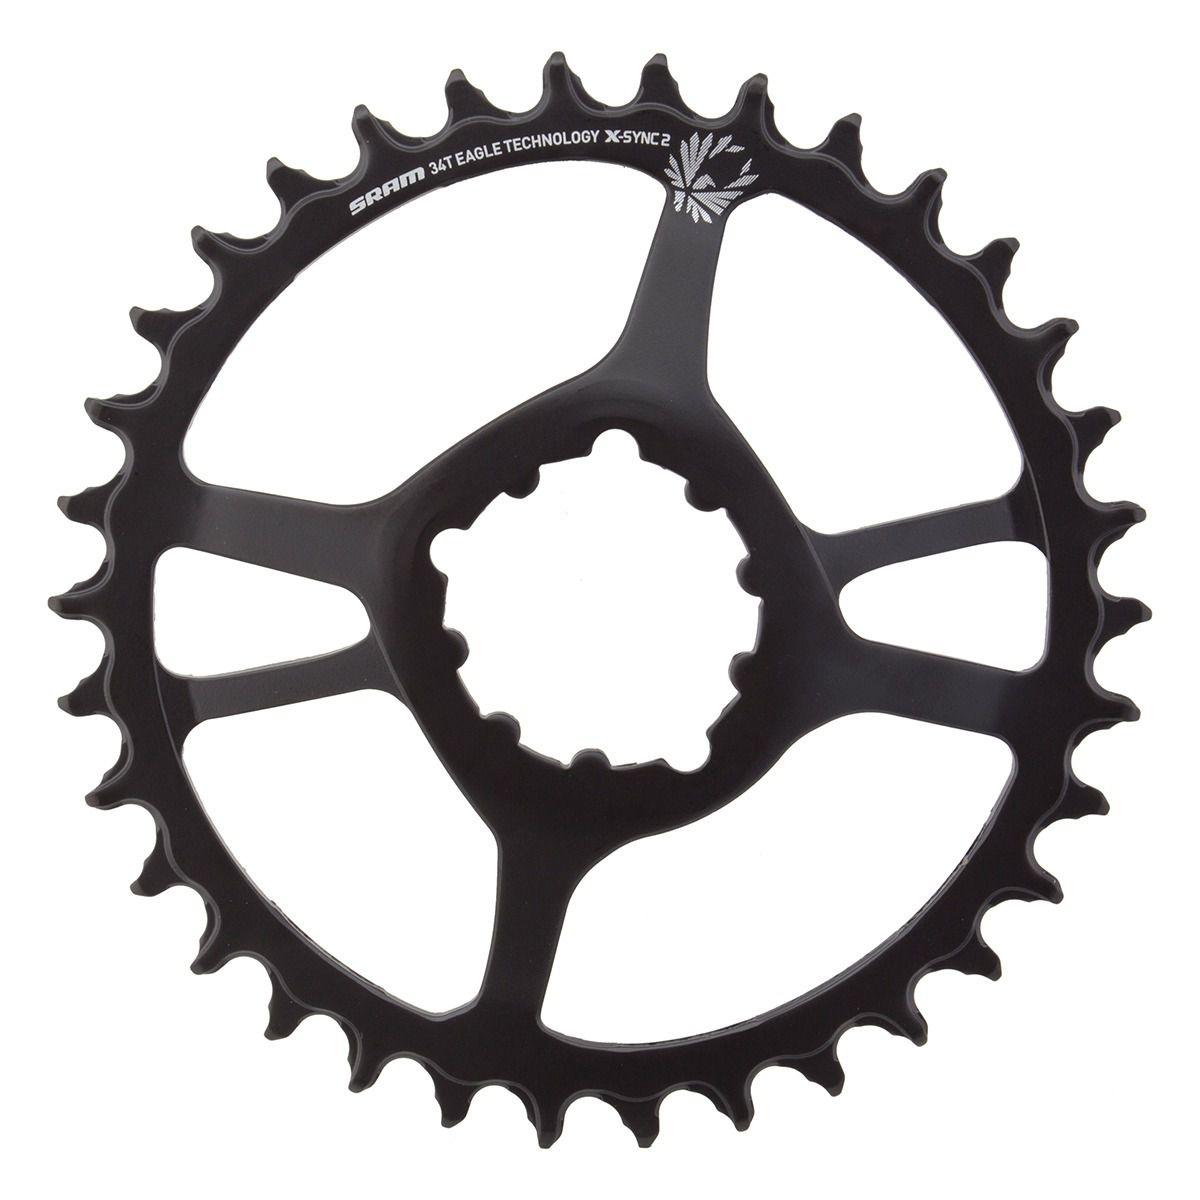 Coroa Bicicleta Sram NX Eagle 34t Preta em Aço Para Uso 1x12 Off set 6mm GX XX1